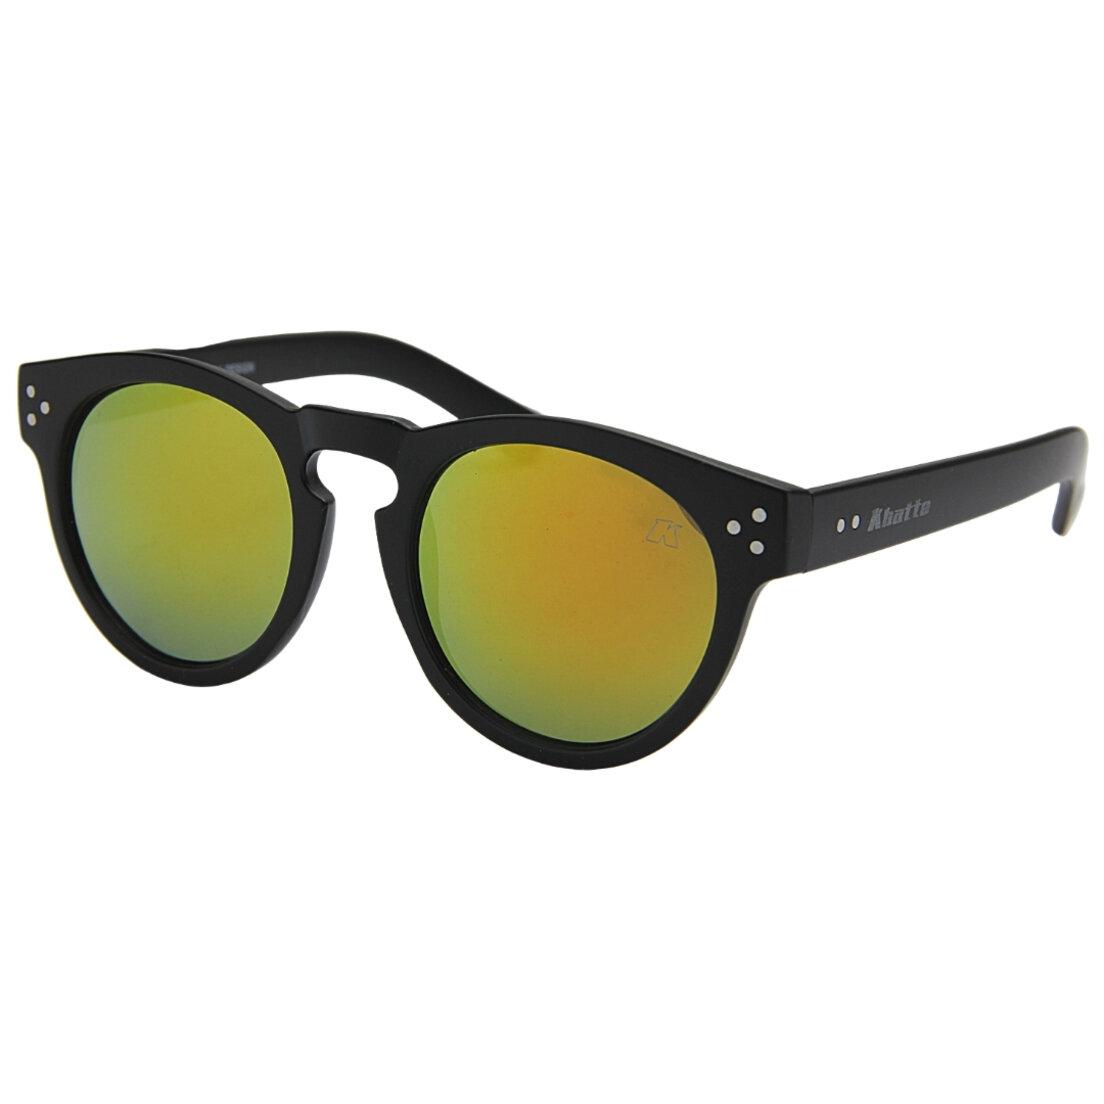 Óculos de Sol Khatto Round Young - C114